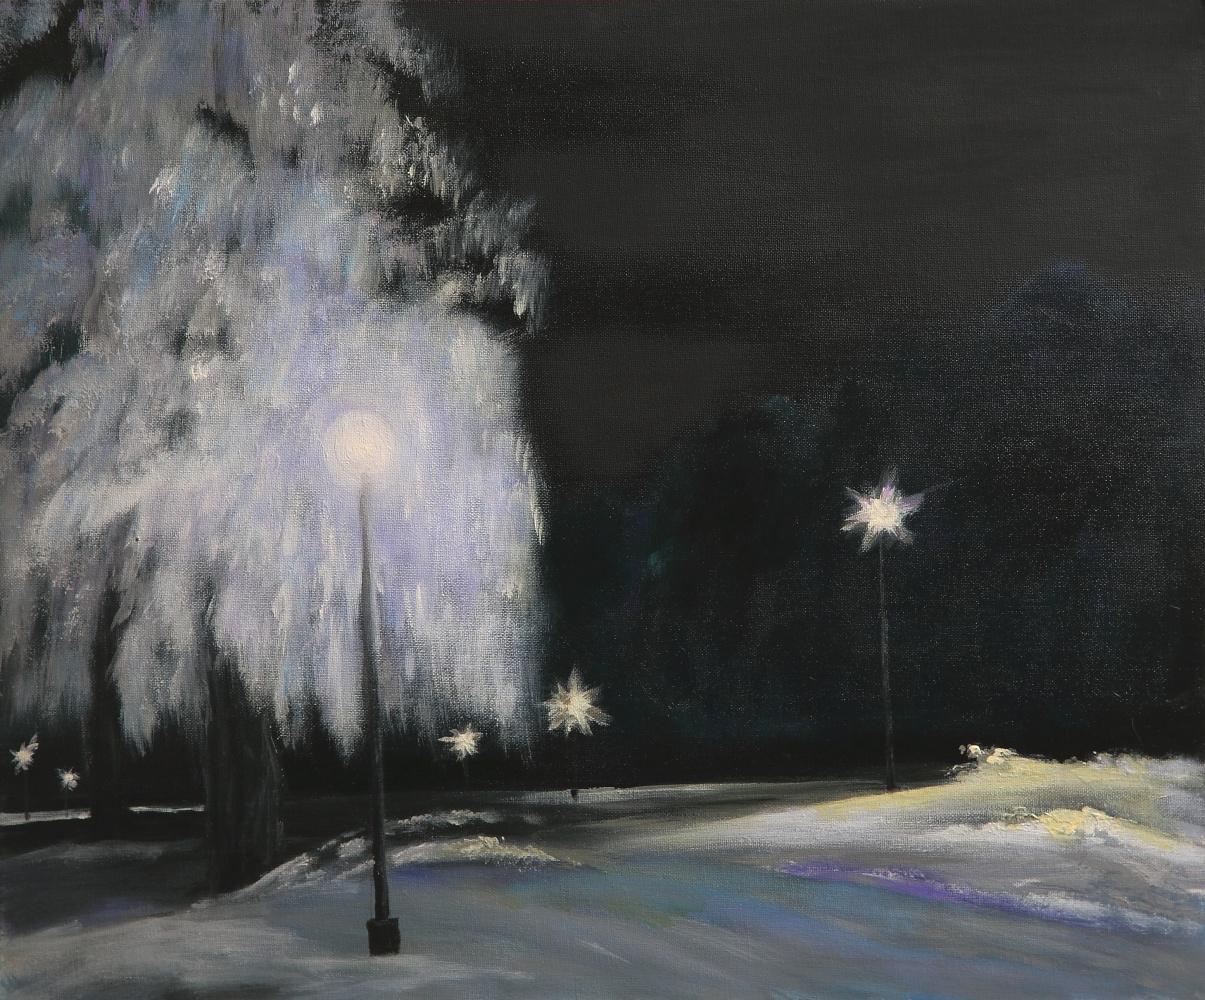 Vladimir Fesic. Winter Park